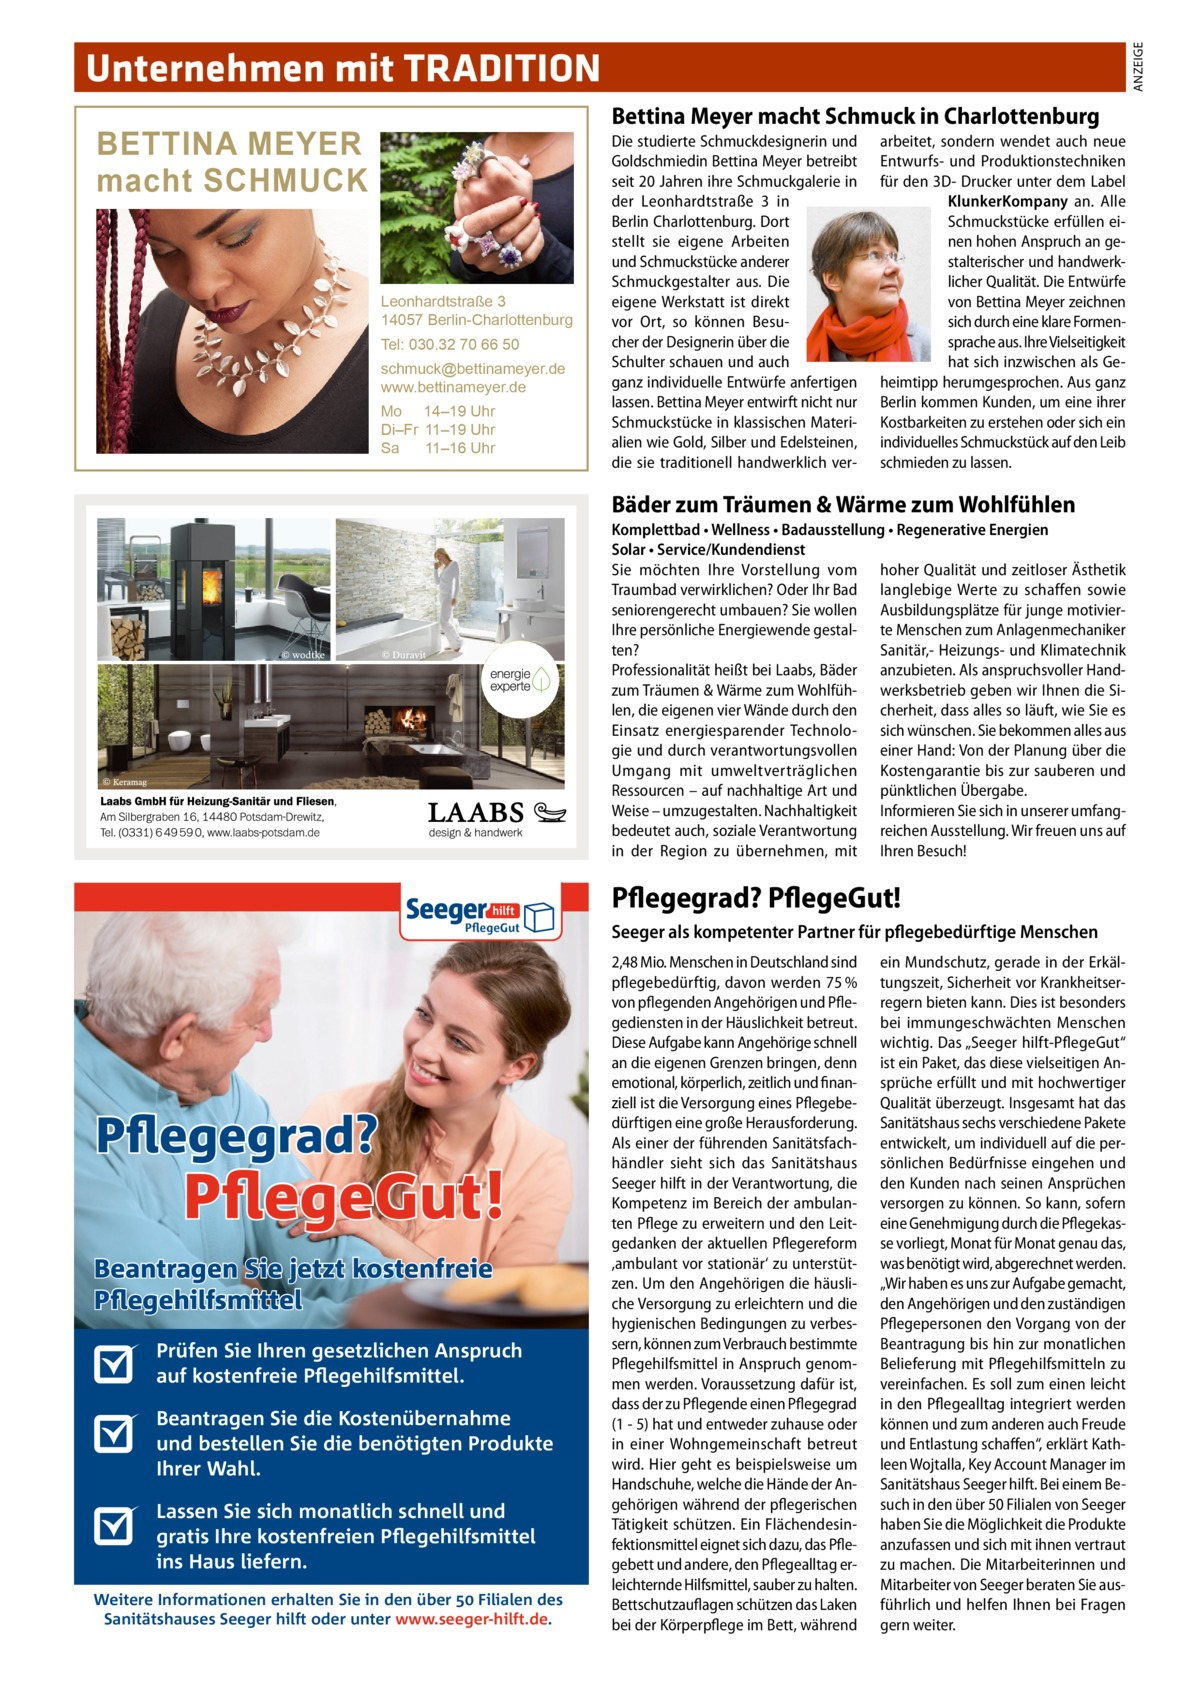 ANZEIGE  Unternehmen mit TRADITION Bettina Meyer macht Schmuck in Charlottenburg  BETTINA MEYER macht SCHMUCK  Leonhardtstraße 3 14057 Berlin-Charlottenburg Tel: 030.32 70 66 50 schmuck@bettinameyer.de www.bettinameyer.de Mo 14–19 Uhr Di–Fr 11–19 Uhr Sa 11–16 Uhr  Die studierte Schmuckdesignerin und Goldschmiedin Bettina Meyer betreibt seit 20Jahren ihre Schmuckgalerie in der Leonhardtstraße 3 in Berlin Charlottenburg. Dort stellt sie eigene Arbeiten und Schmuckstücke anderer Schmuckgestalter aus. Die eigene Werkstatt ist direkt vor Ort, so können Besucher der Designerin über die Schulter schauen und auch ganz individuelle Entwürfe anfertigen lassen. Bettina Meyer entwirft nicht nur Schmuckstücke in klassischen Materialien wie Gold, Silber und Edelsteinen, die sie traditionell handwerklich ver arbeitet, sondern wendet auch neue Entwurfs- und Produktionstechniken für den 3D- Drucker unter dem Label KlunkerKompany an. Alle Schmuckstücke erfüllen einen hohen Anspruch an gestalterischer und handwerklicher Qualität. Die Entwürfe von Bettina Meyer zeichnen sich durch eine klare Formensprache aus. Ihre Vielseitigkeit hat sich inzwischen als Geheimtipp herumgesprochen. Aus ganz Berlin kommen Kunden, um eine ihrer Kostbarkeiten zu erstehen oder sich ein individuelles Schmuckstück auf den Leib schmieden zu lassen.  Bäder zum Träumen & Wärme zum Wohlfühlen Komplettbad • Wellness • Badausstellung • Regenerative Energien Solar • Service/Kundendienst Sie möchten Ihre Vorstellung vom hoher Qualität und zeitloser Ästhetik Traumbad verwirklichen? Oder Ihr Bad langlebige Werte zu schaffen sowie seniorengerecht umbauen? Sie wollen Ausbildungsplätze für junge motivierIhre persönliche Energiewende gestal- te Menschen zum Anlagenmechaniker Sanitär,- Heizungs- und Klimatechnik ten? Professionalität heißt bei Laabs, Bäder anzubieten. Als anspruchsvoller Handzum Träumen & Wärme zum Wohlfüh- werksbetrieb geben wir Ihnen die Silen, die eigenen vier Wände durch den cherheit, dass alles so läuf